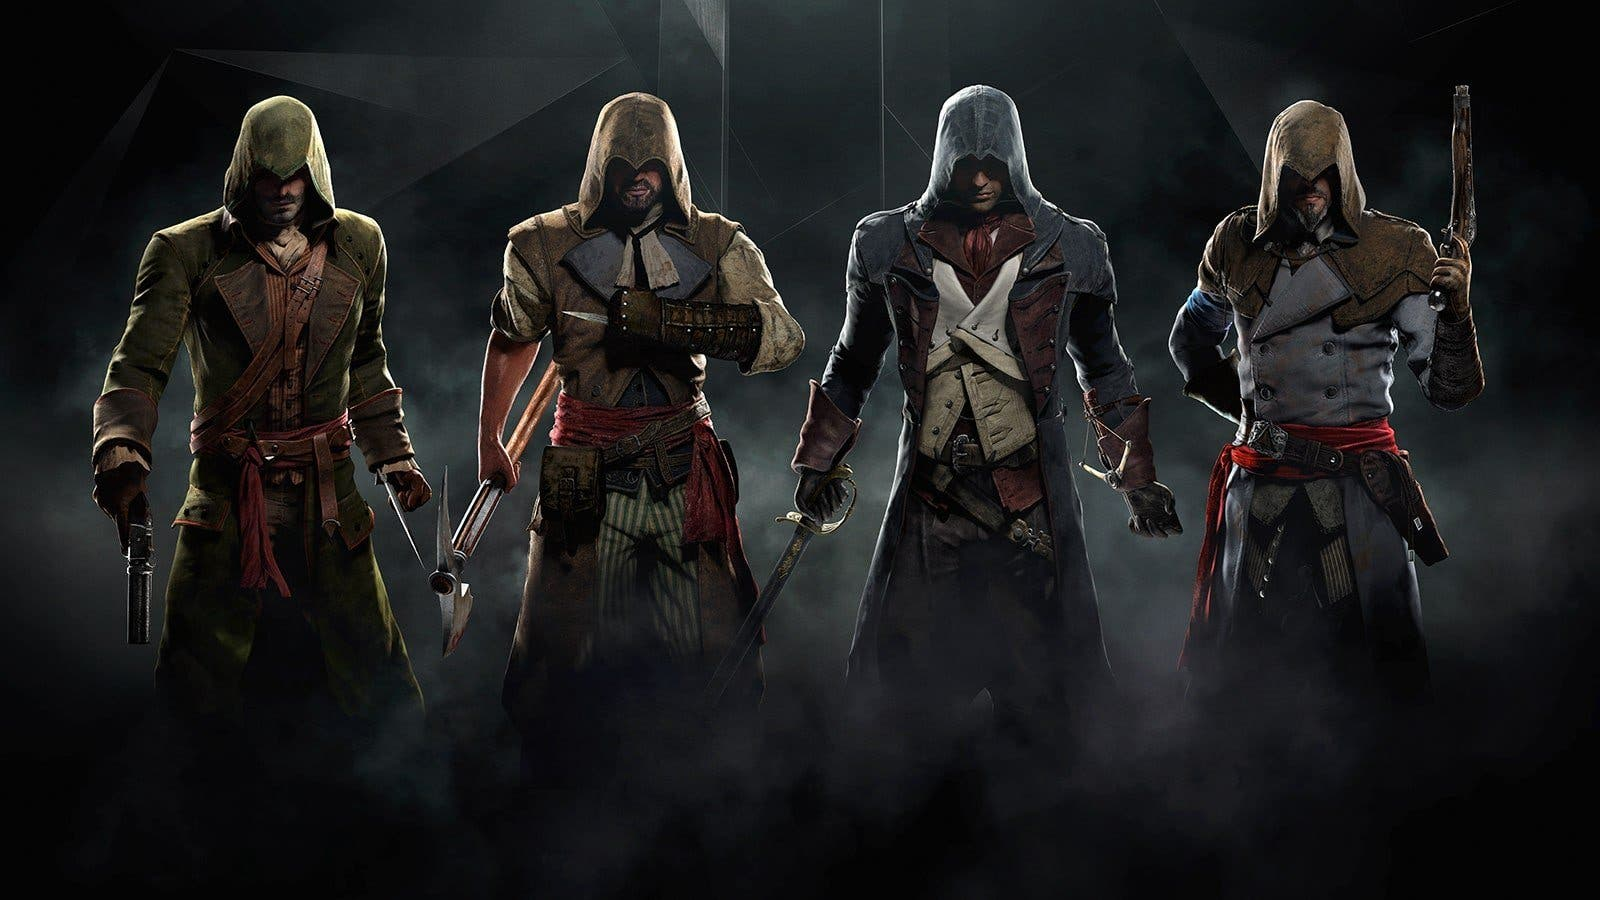 juego multijugador gratuito de Assassin's Creed